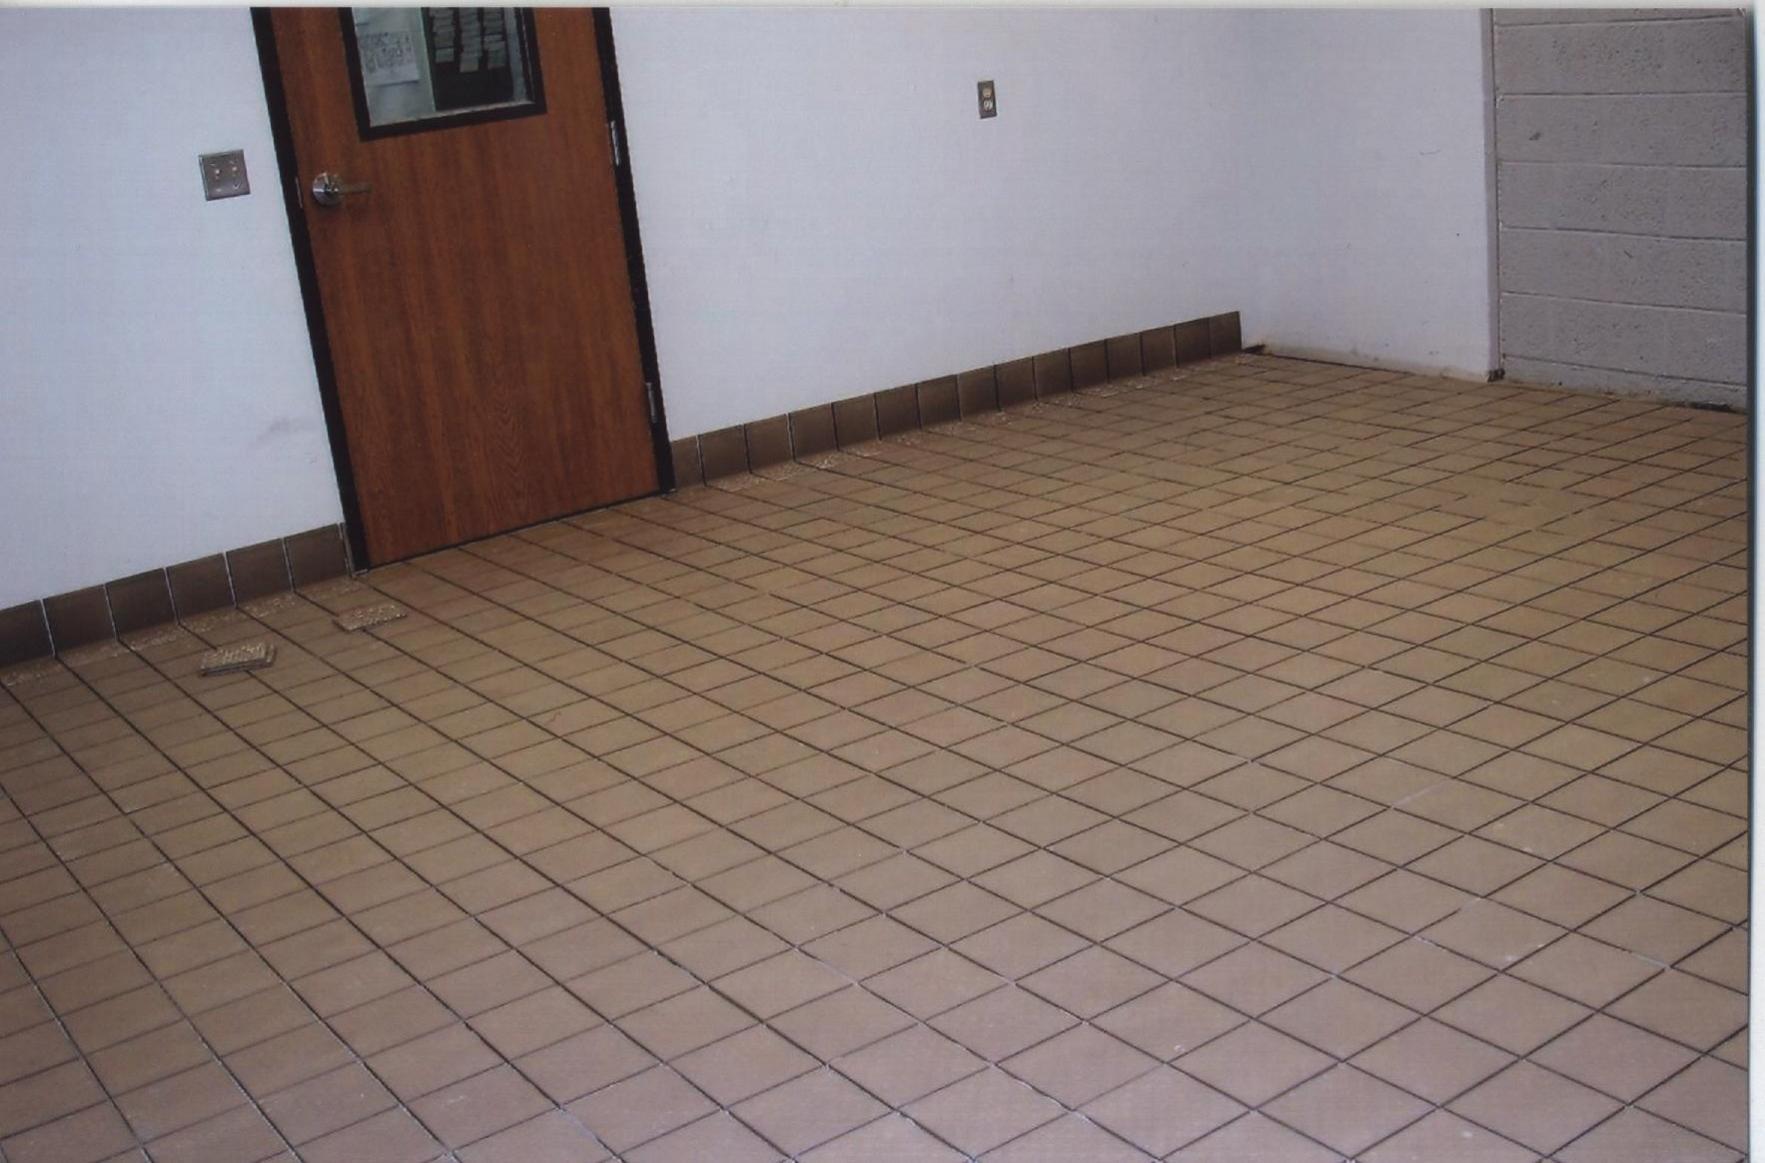 restaurant kitchen floor kitchen floors Restaurant Kitchen Floor scannedimage